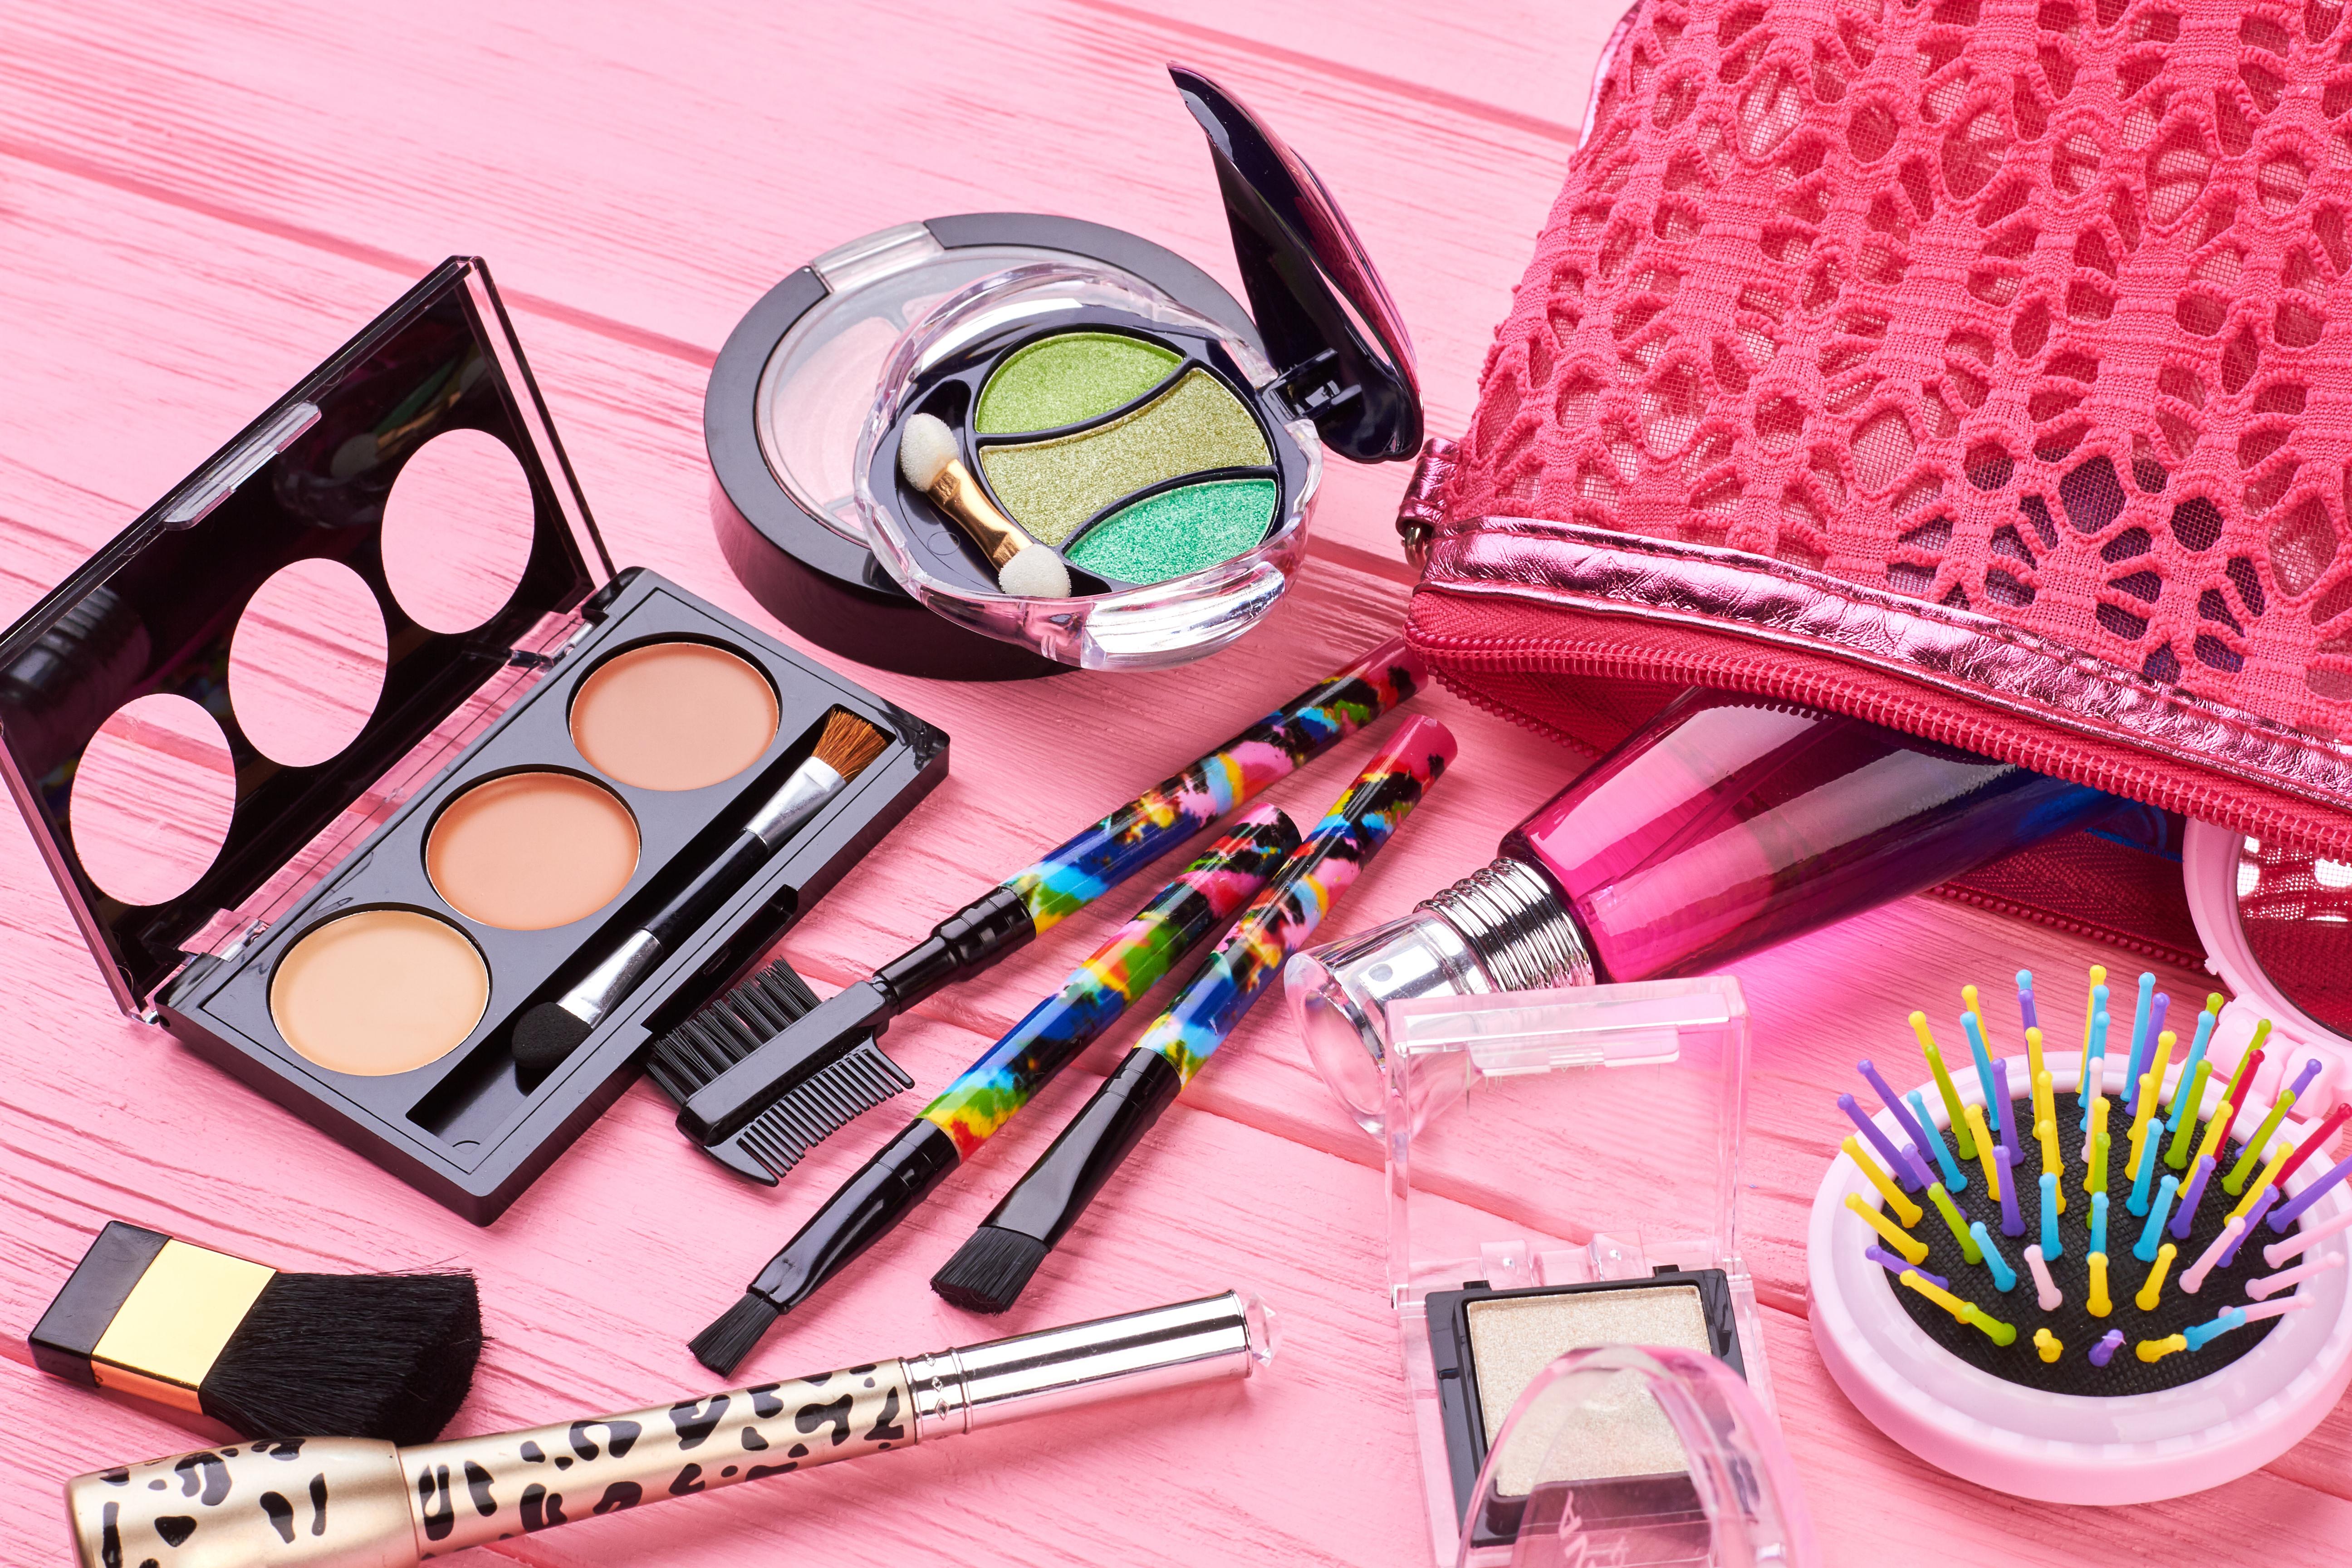 makeup - wedding day emergency kit